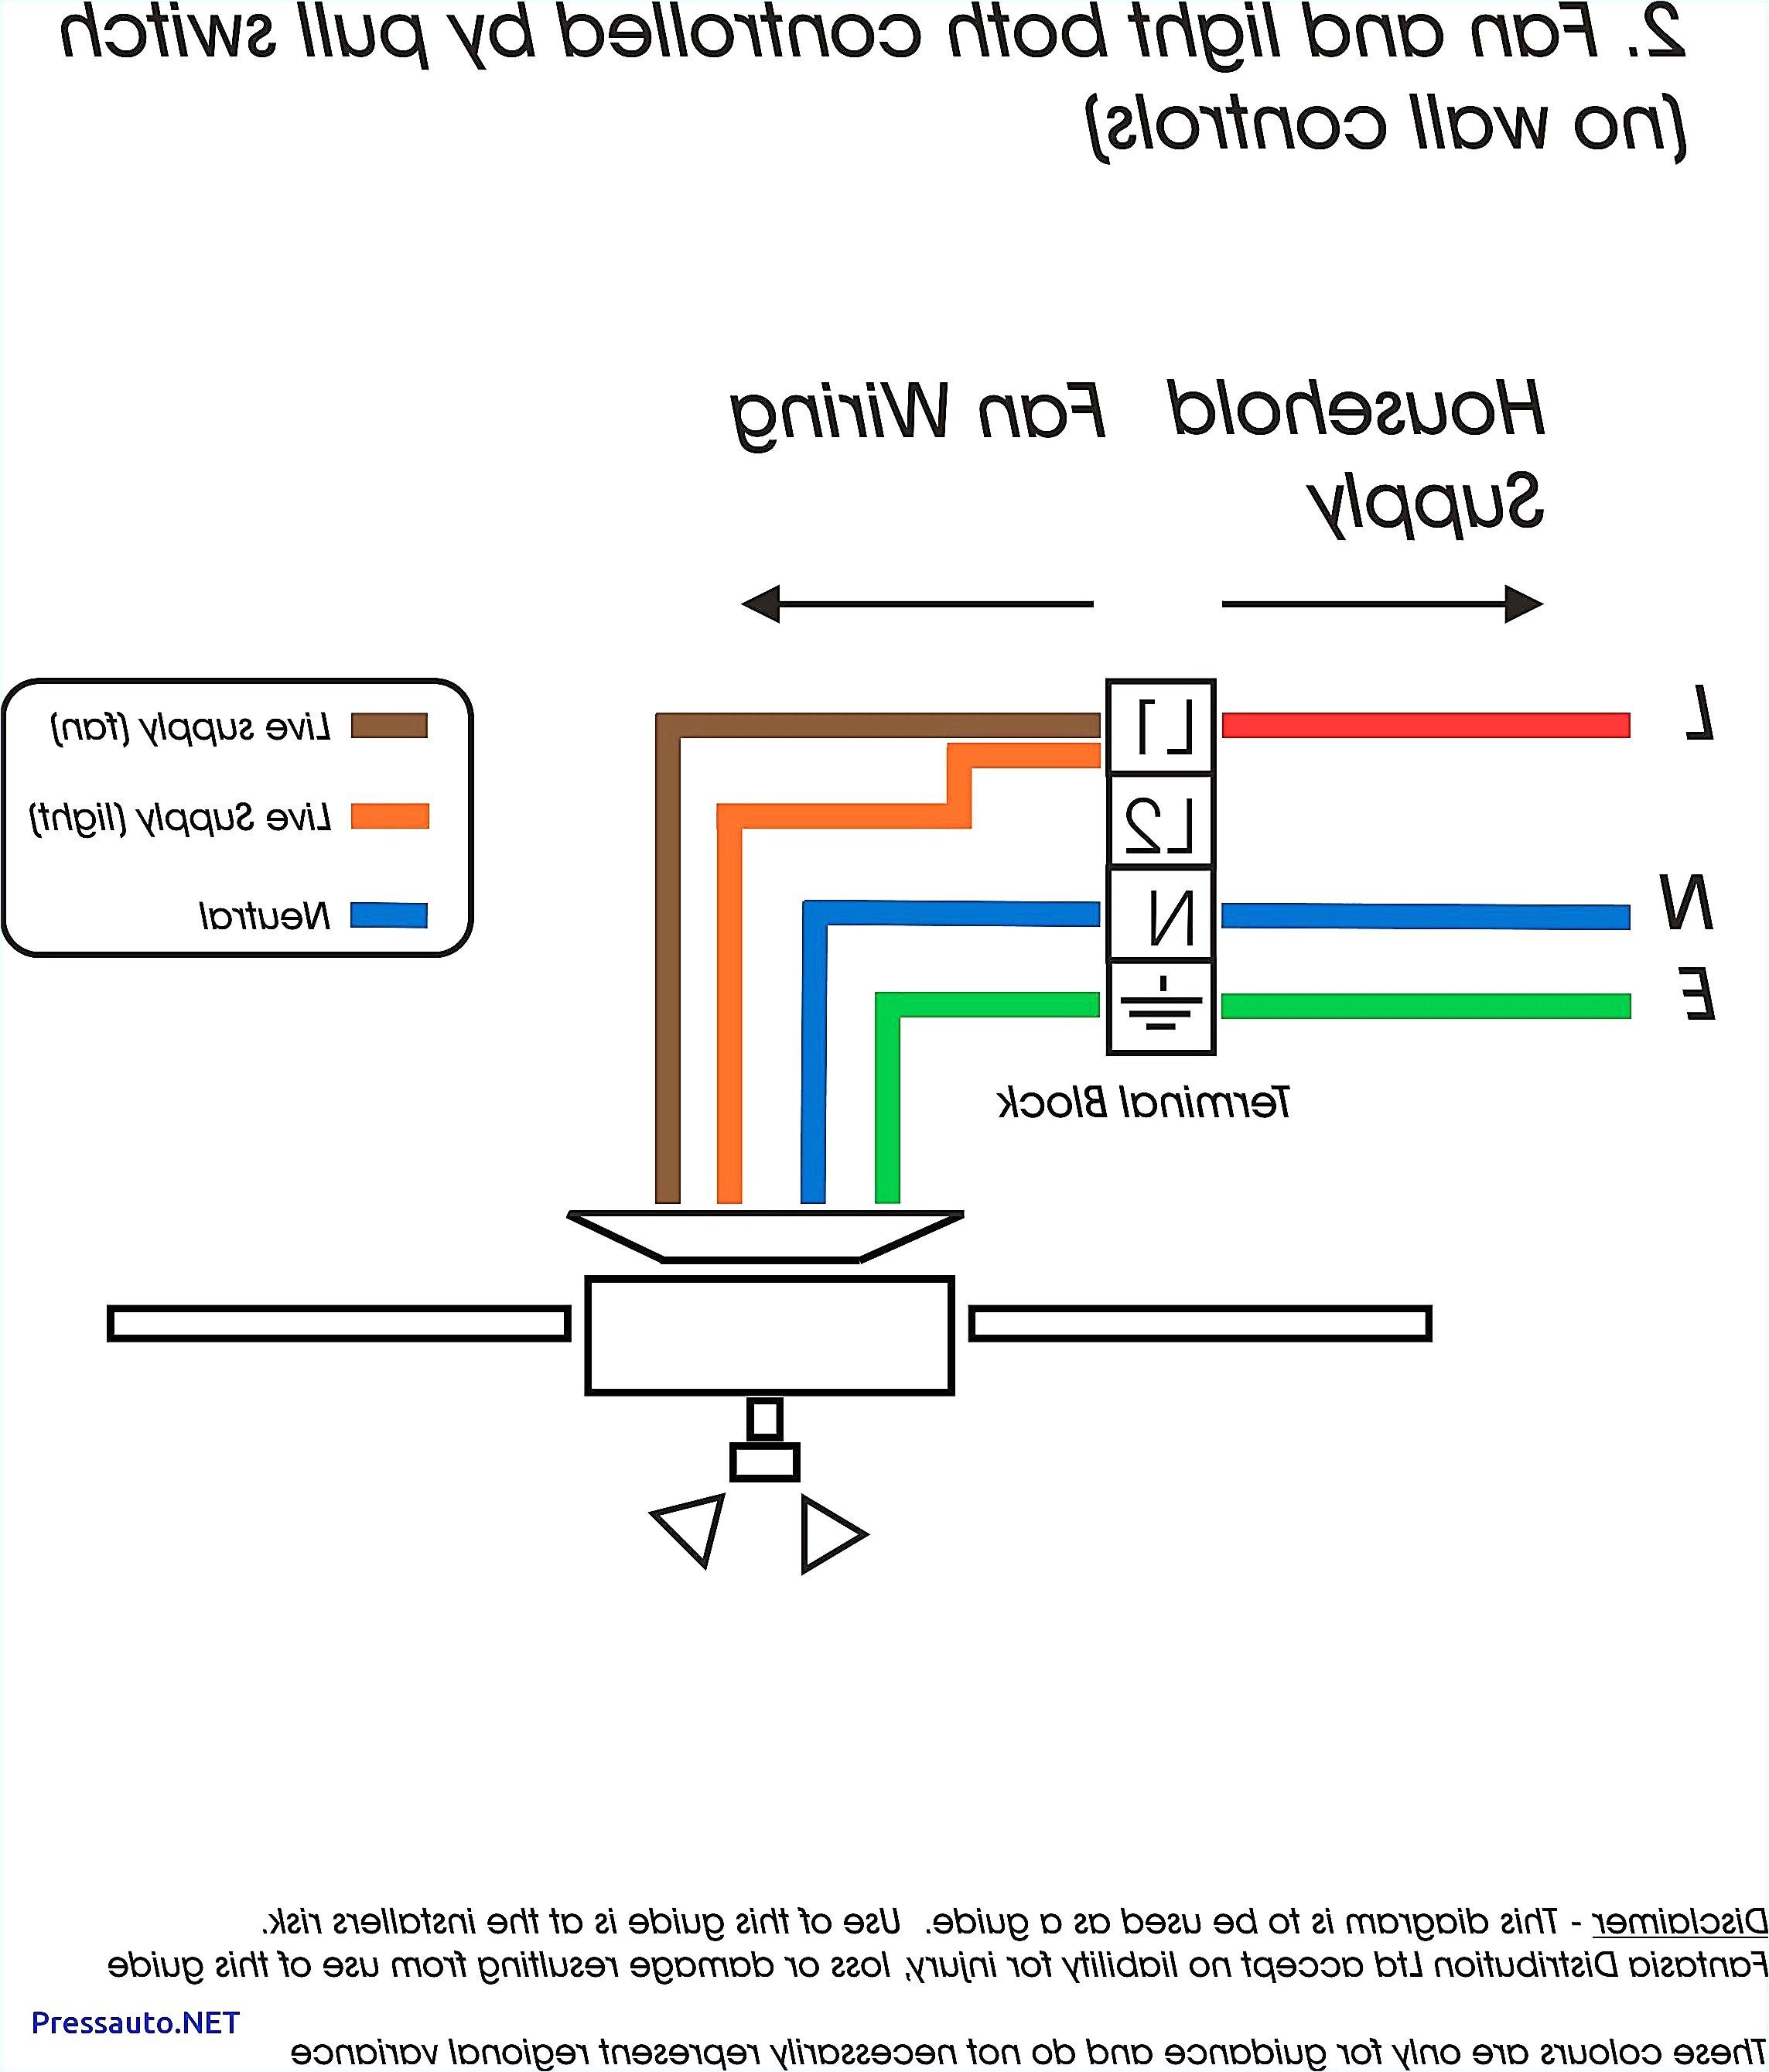 bose car amplifier wiring diagram lovely diagram as well bose wiringbose car amplifier wiring diagram fresh